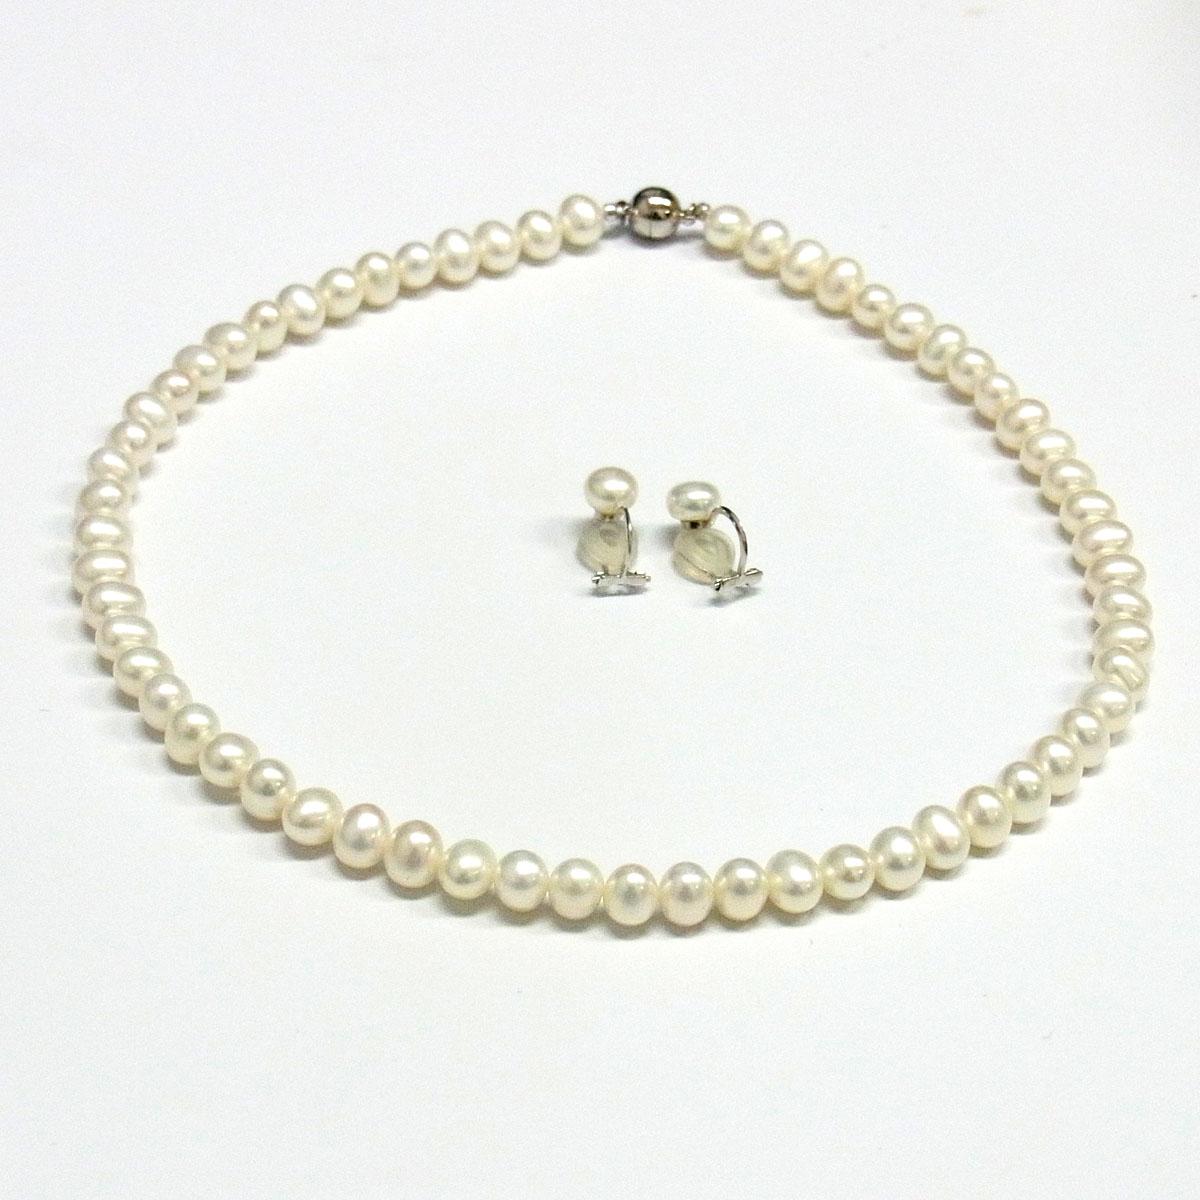 パールネックレス&イヤリングセット 淡水真珠